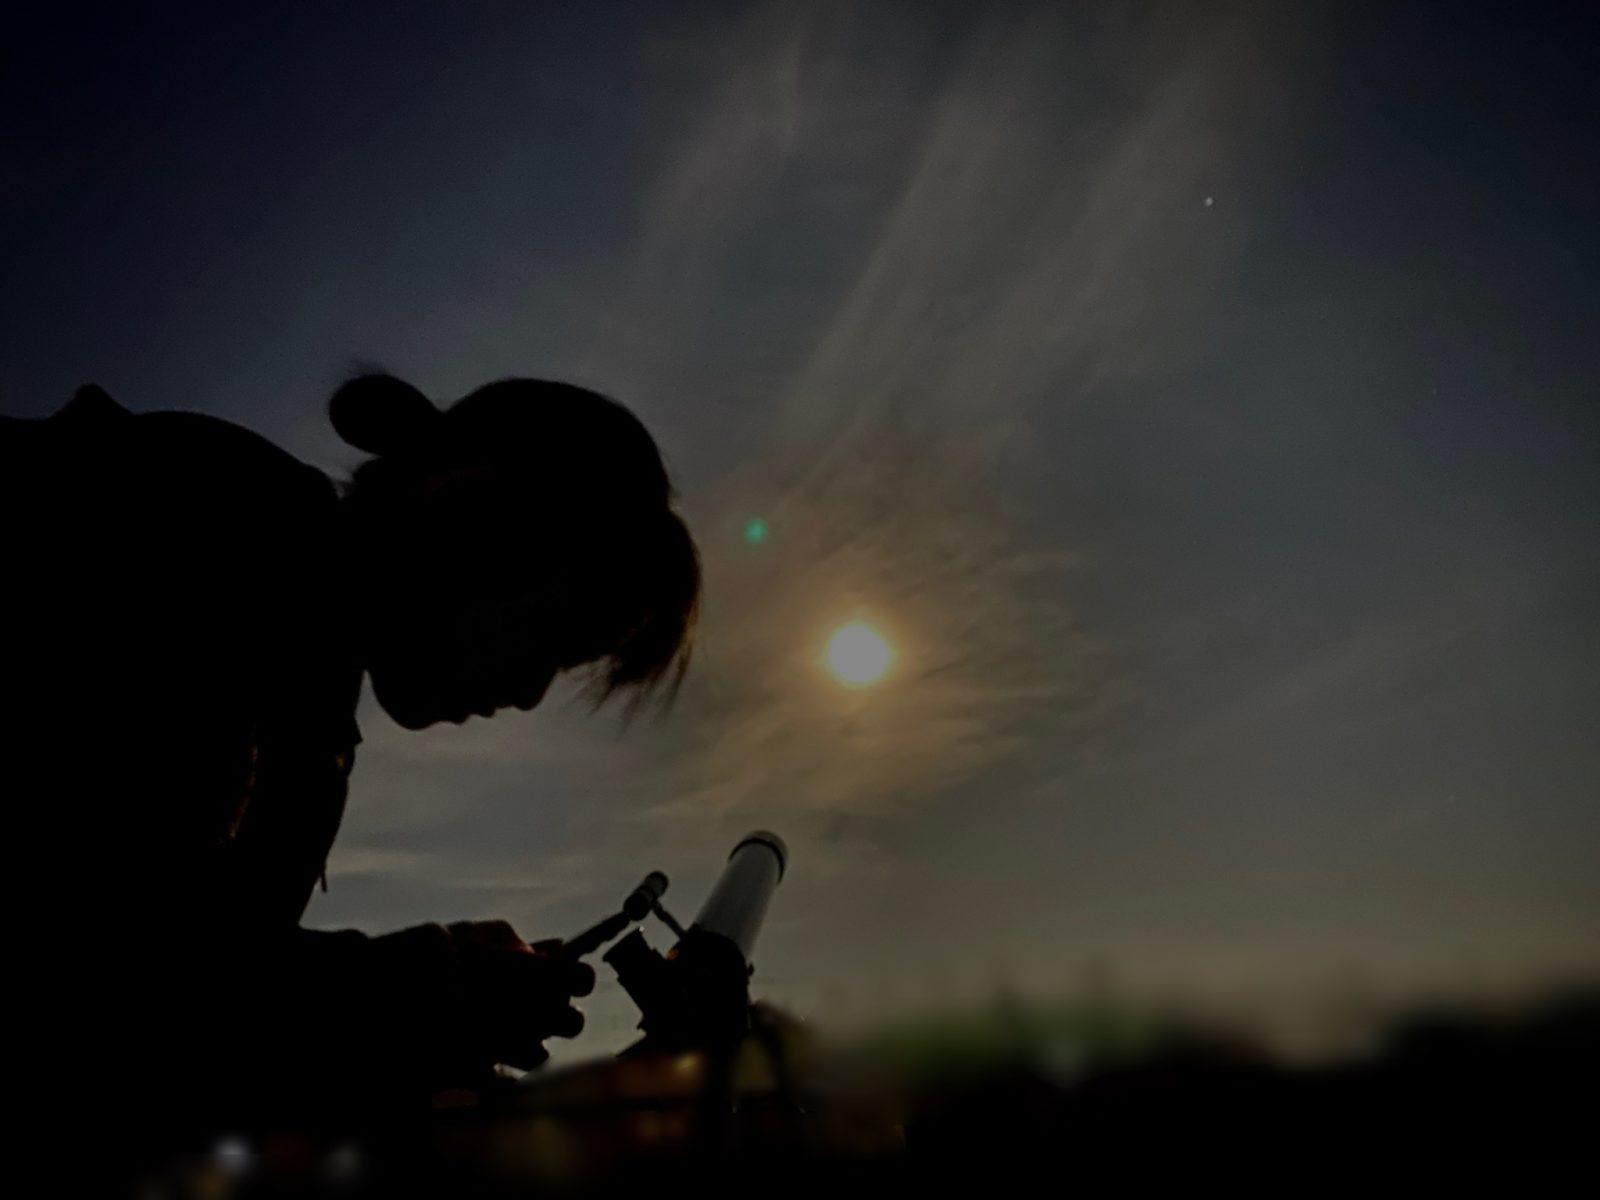 【自分のルーツを考える】星をみて感じる振り返りの時間